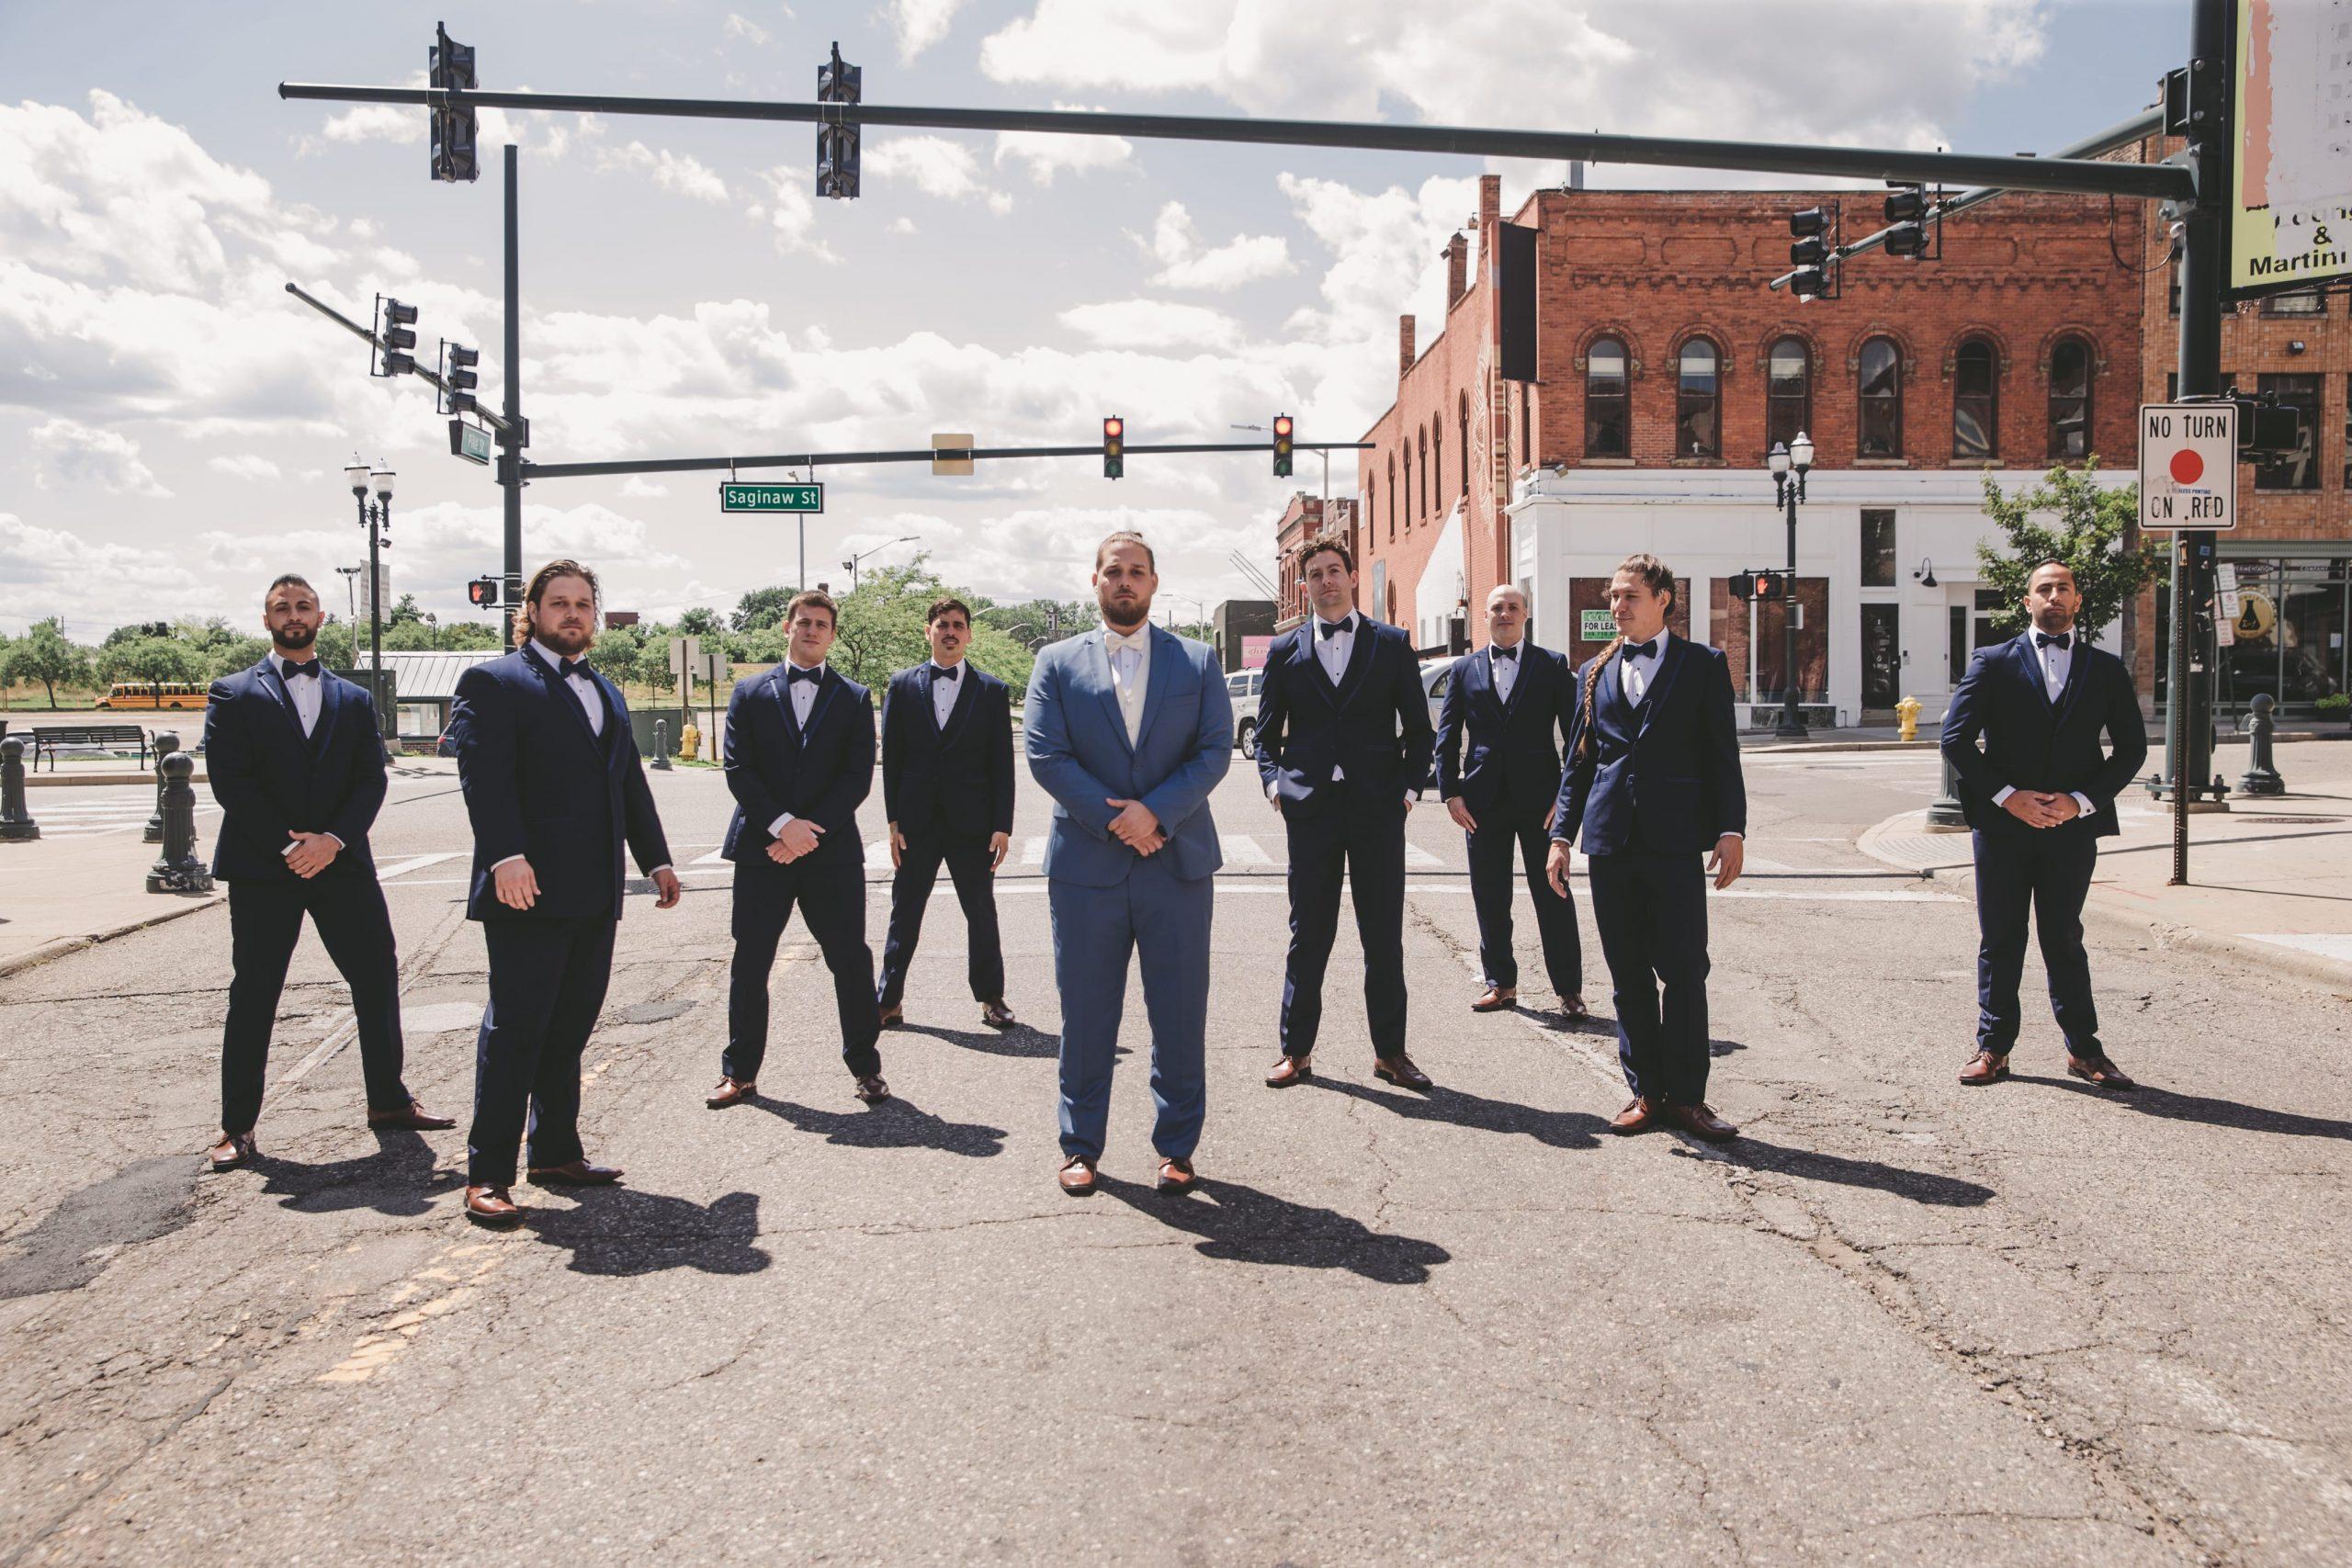 groomsmen in street